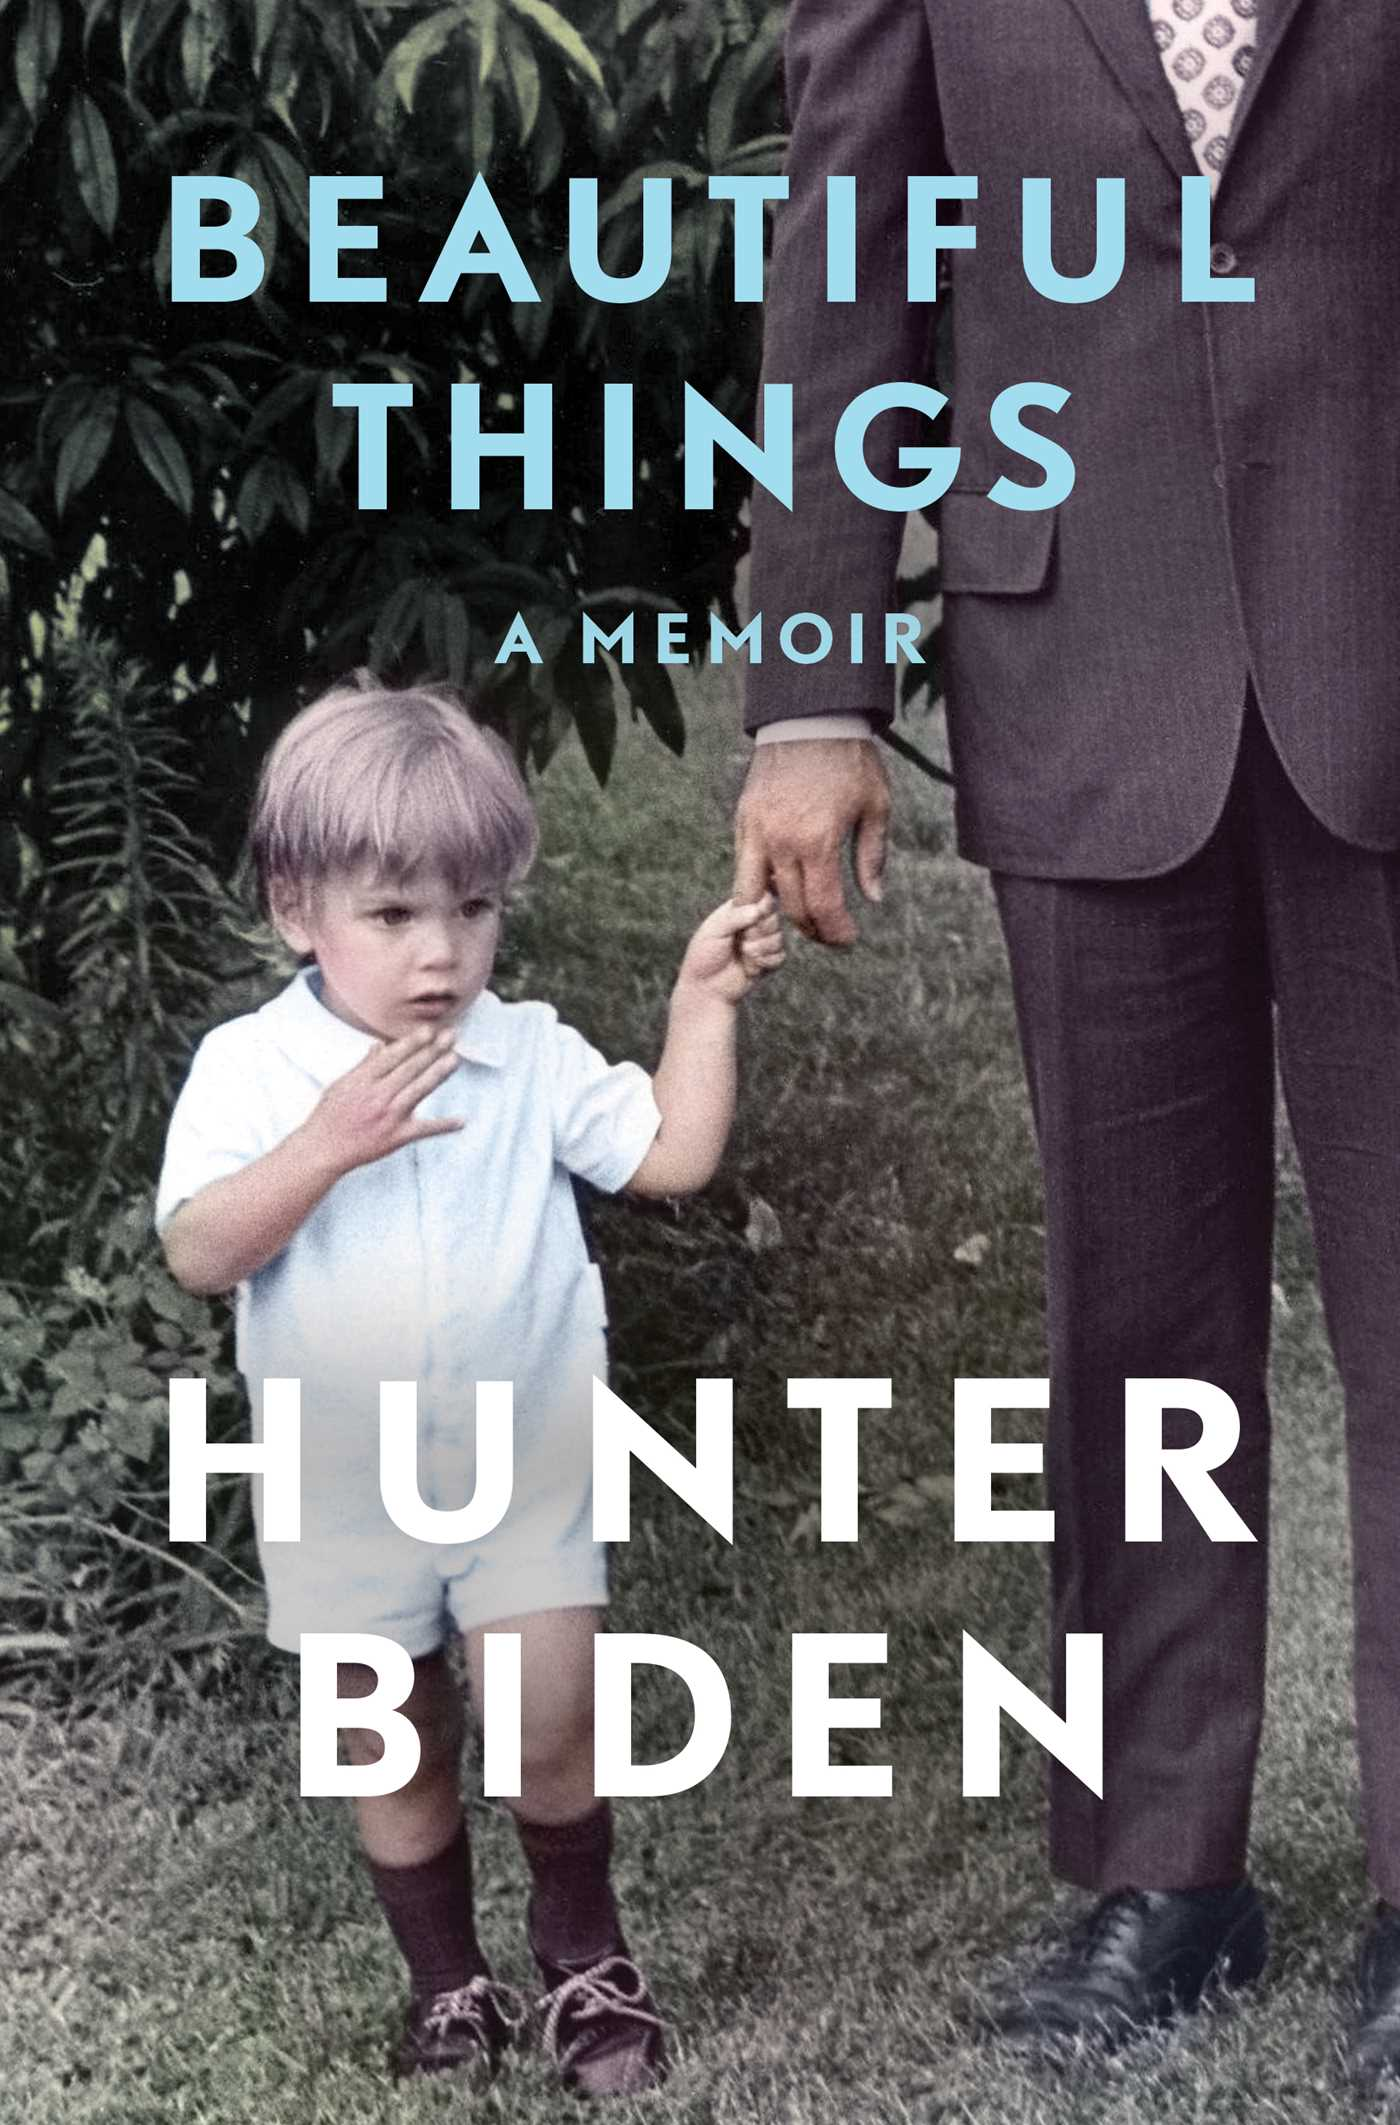 Beautiful Things by Hunter Biden